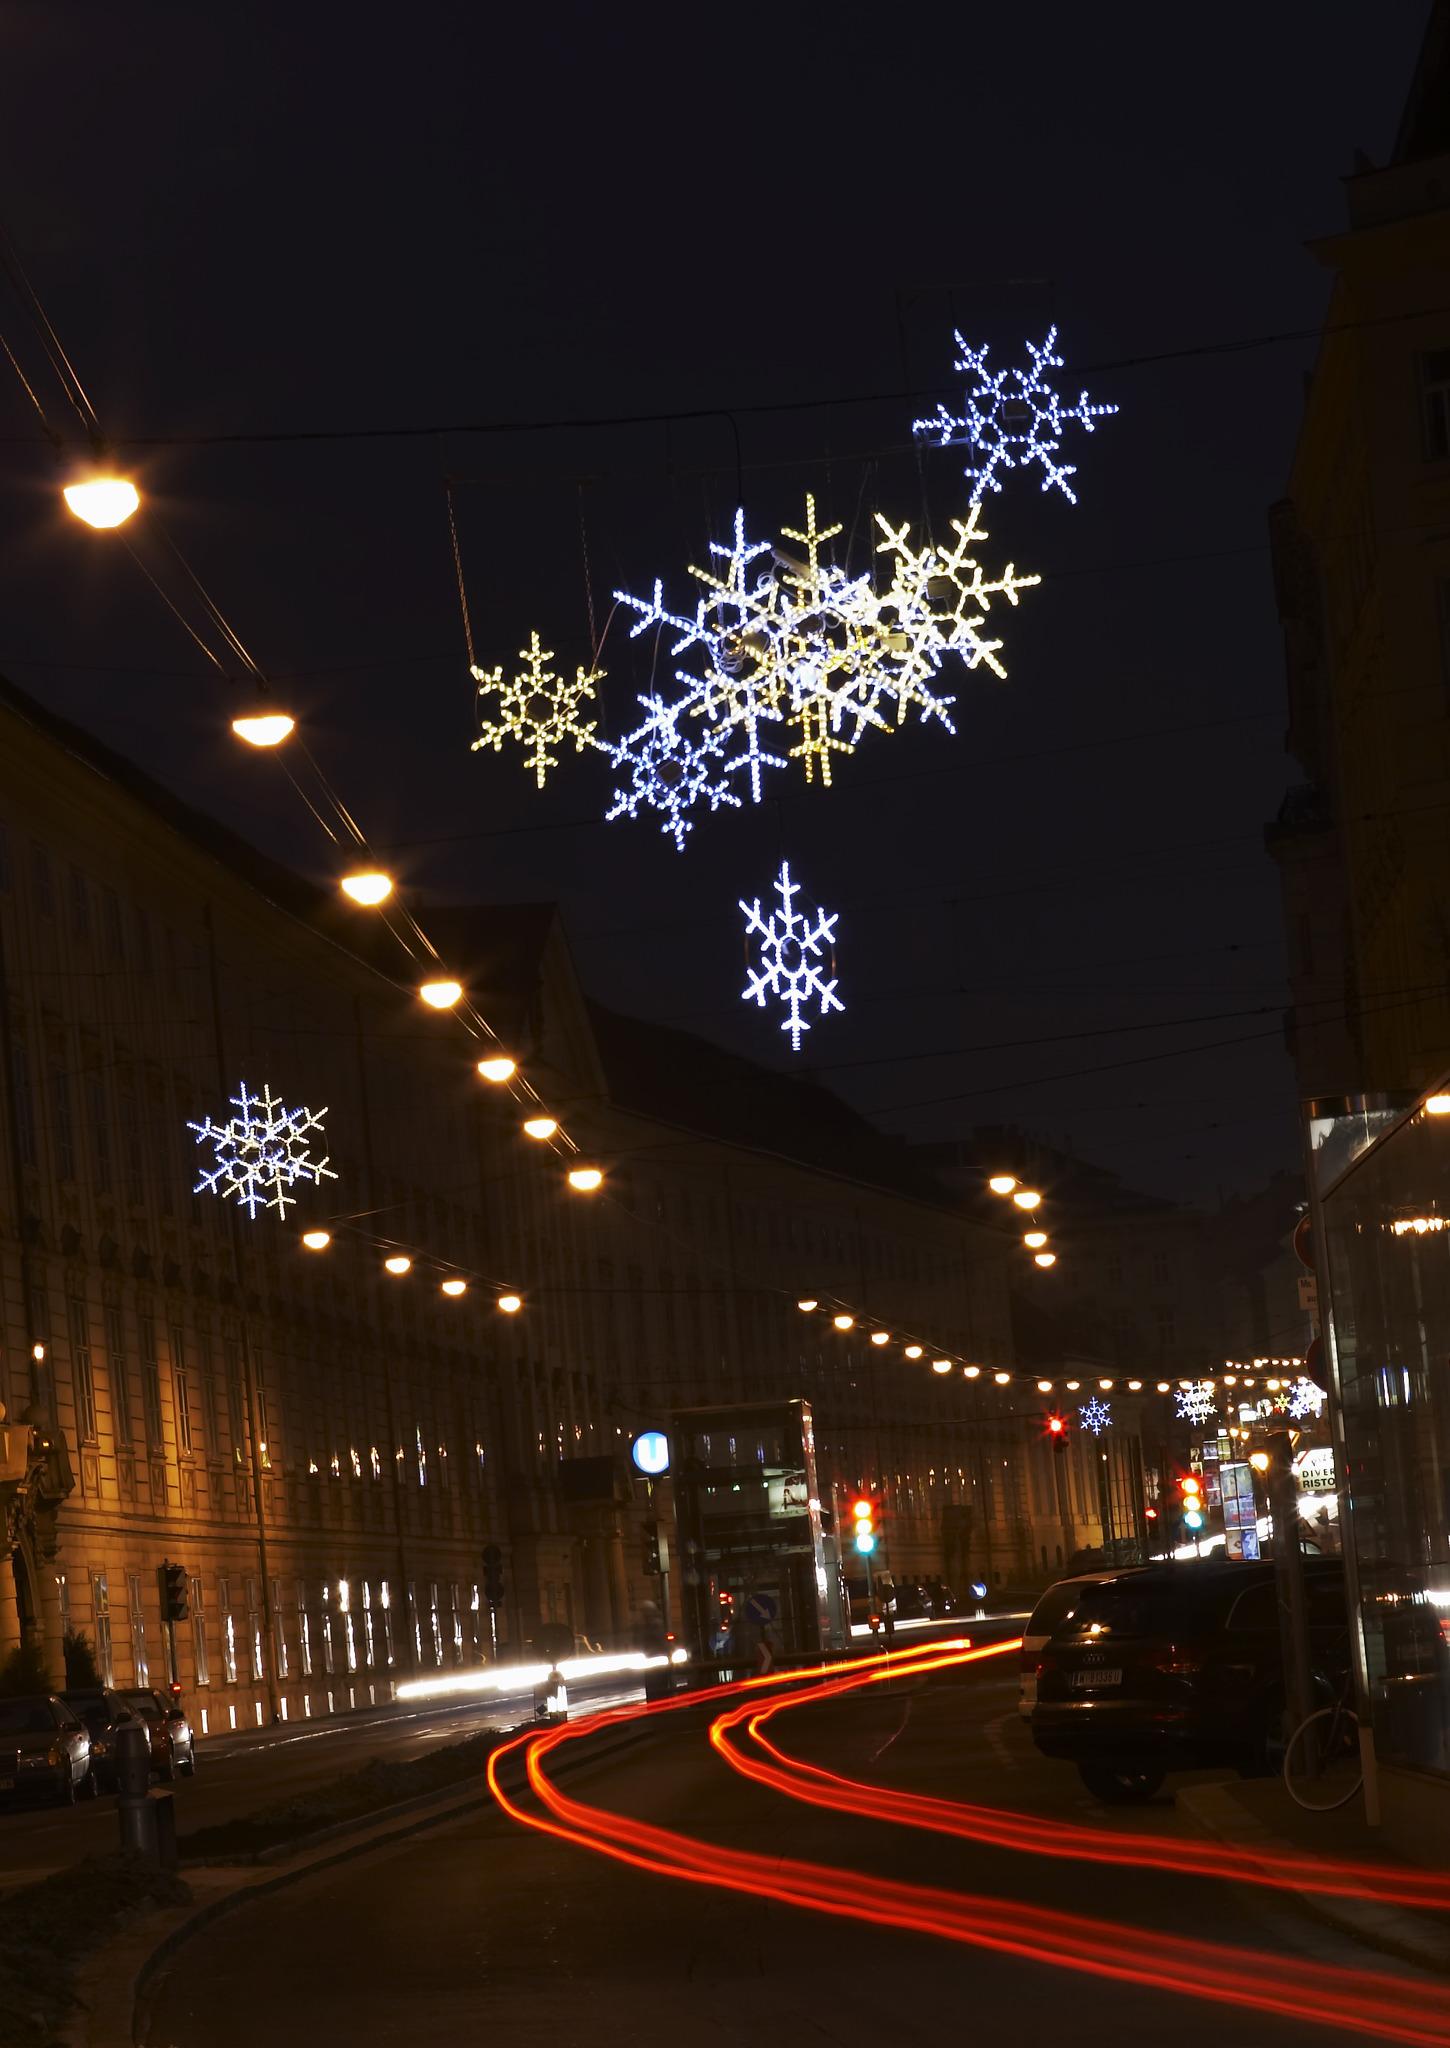 Weihnachtsbeleuchtung Xxl.Spendenaufruf Für Die Weihnachtsbeleuchtung Auf Der Oberen Wieden